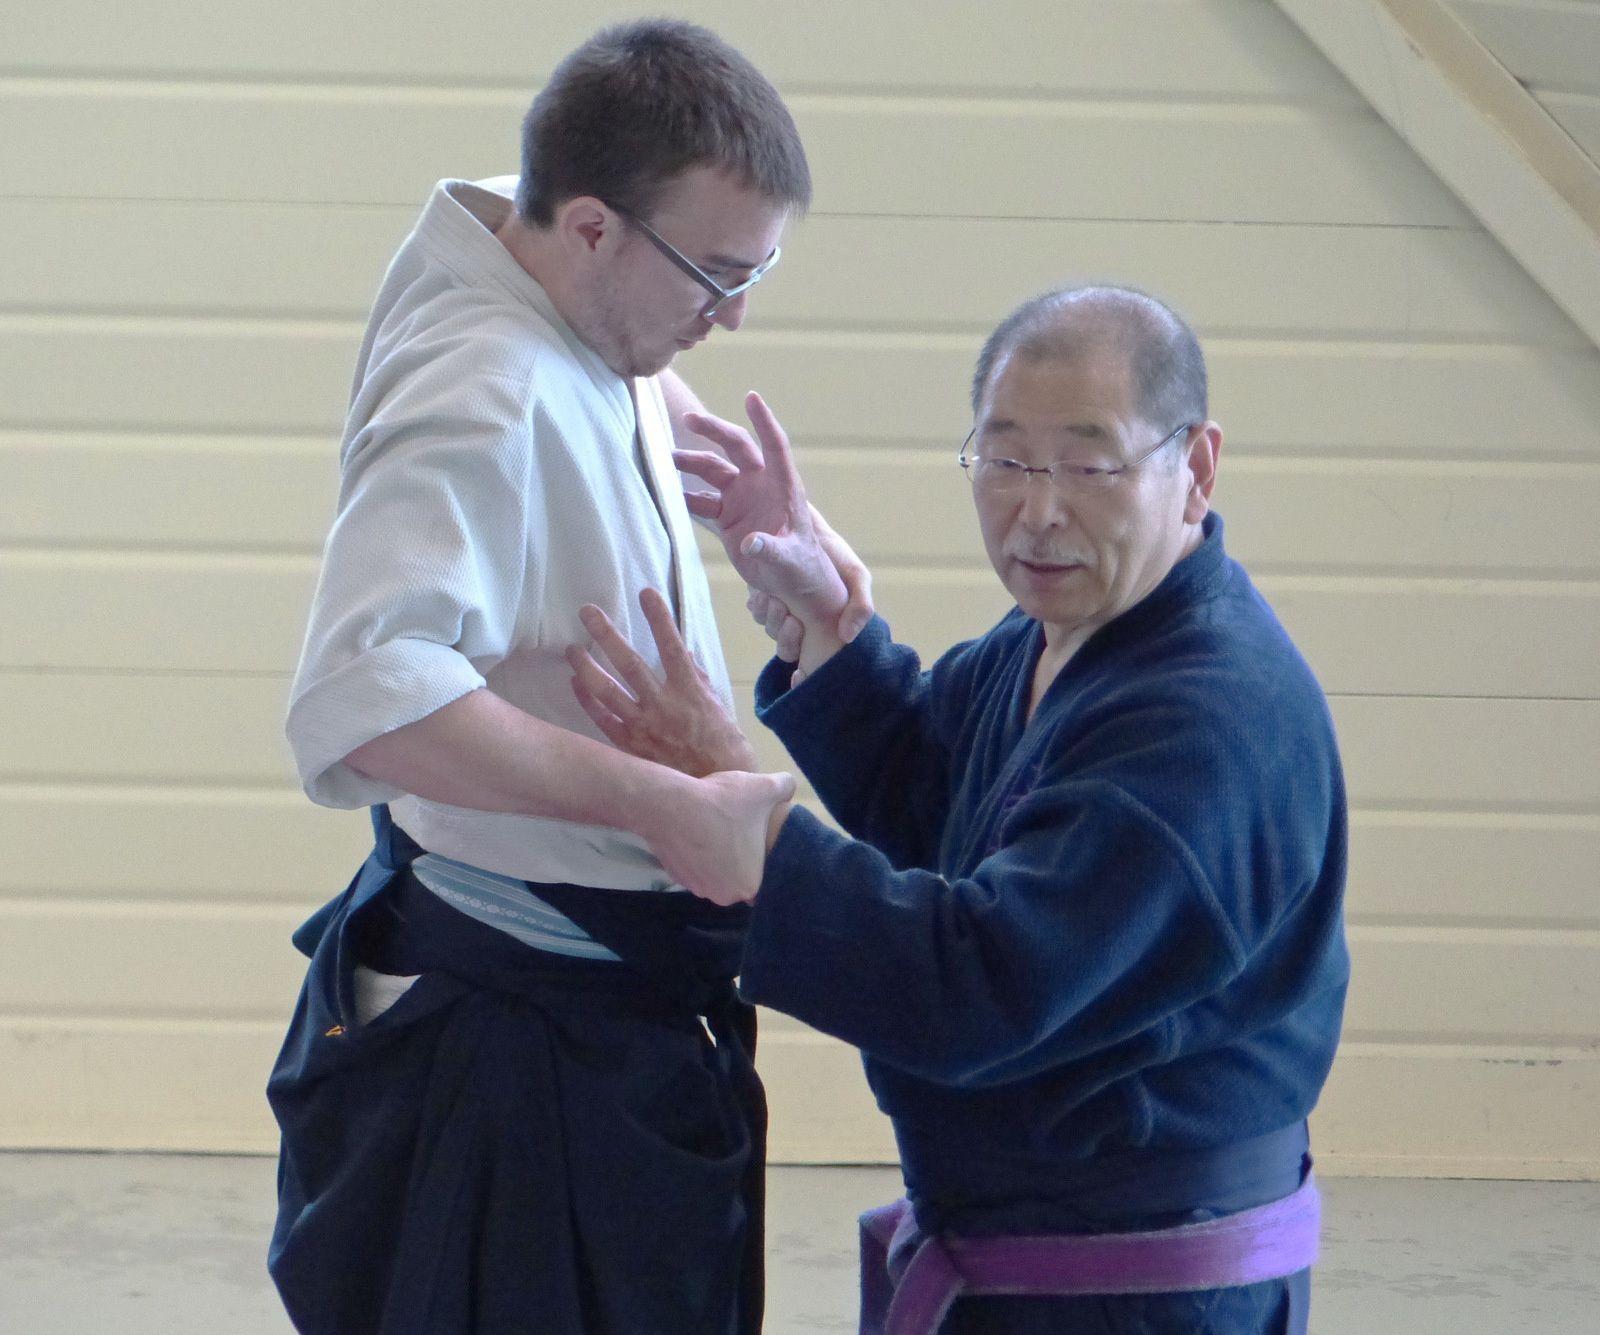 Yasuhiro Irie lors d'un exercice avec Guillaume Roux (auteur : Aïki-kohaï)